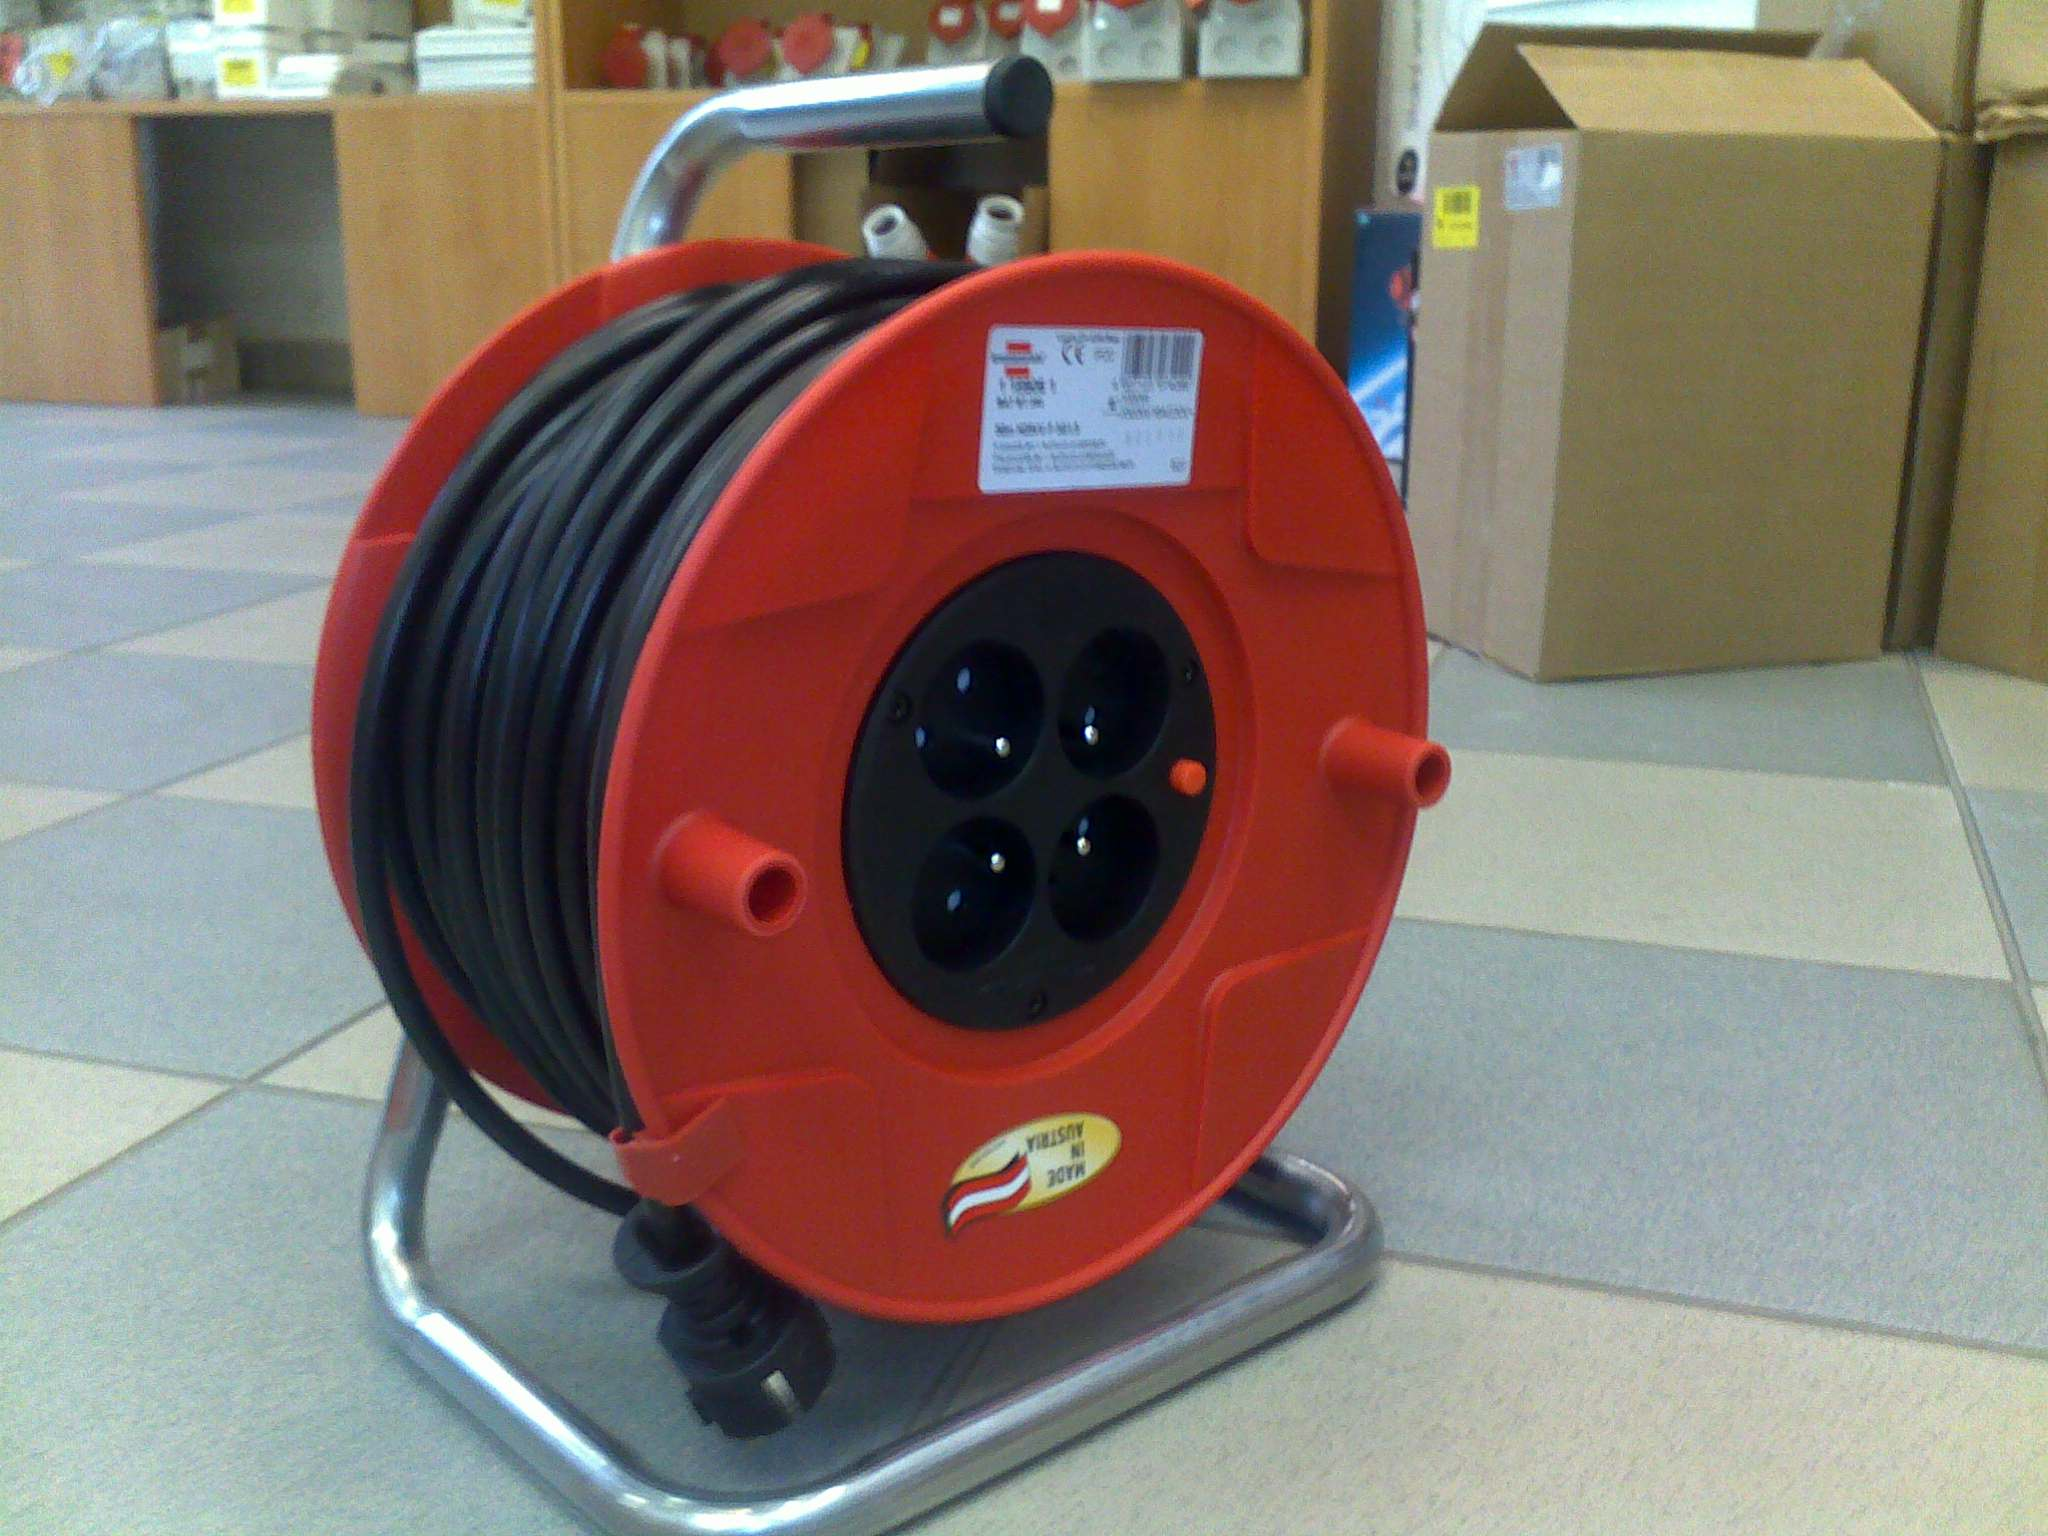 Prodlužovací kabel na bubnu 25m / 4 zásuvky